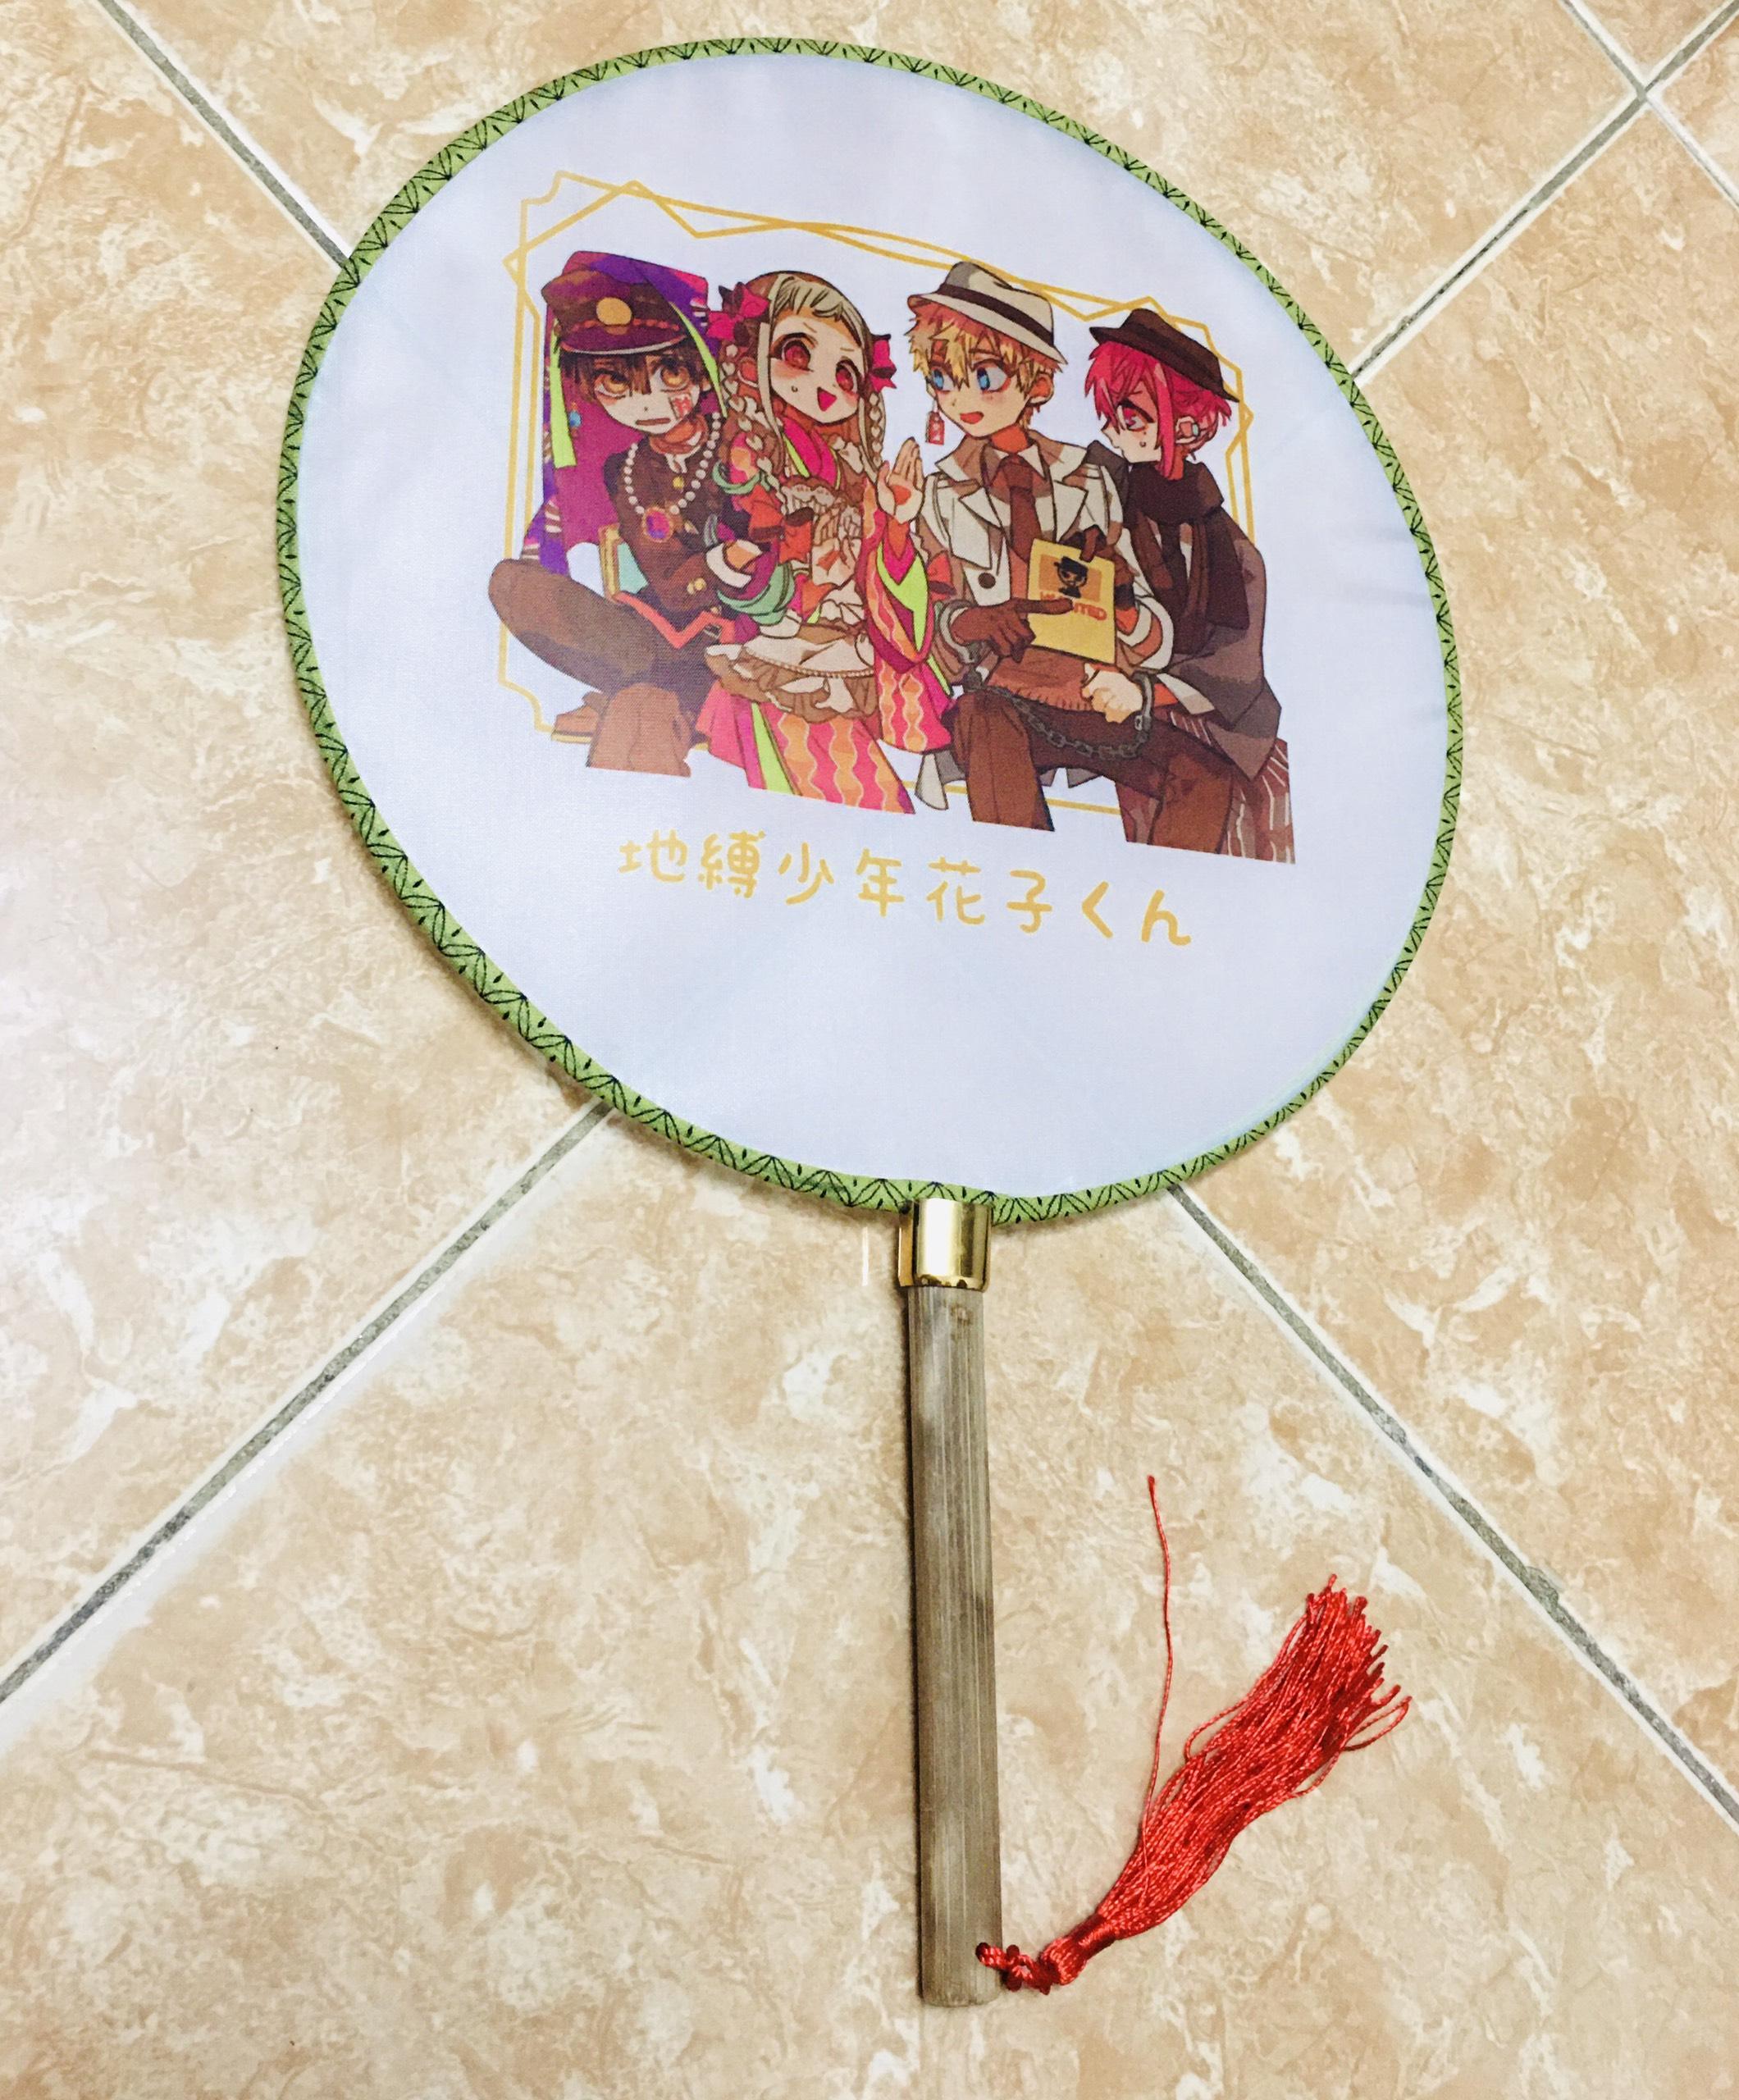 Qụat tròn cầm tay Jibaku Shouanen Hanako-kun phong cách cổ trang . cosplay cán gỗ dây tuyến